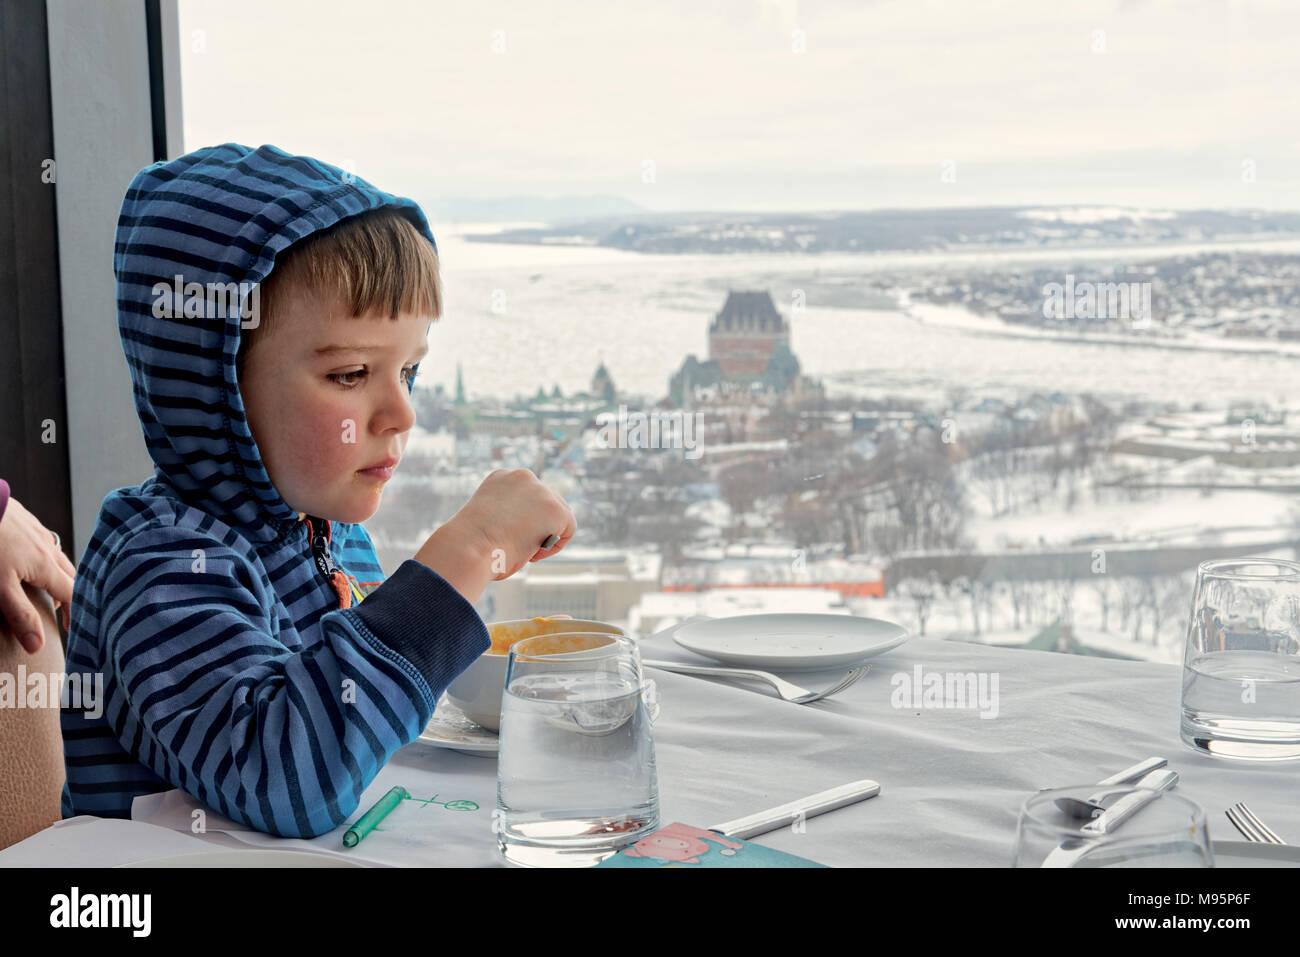 Un garçonnet de cinq ans manger dans le ciel! Restaurant dans la ville de Québec, avec le Château Frontenac et le fleuve Saint-Laurent gelé au-delà. Photo Stock